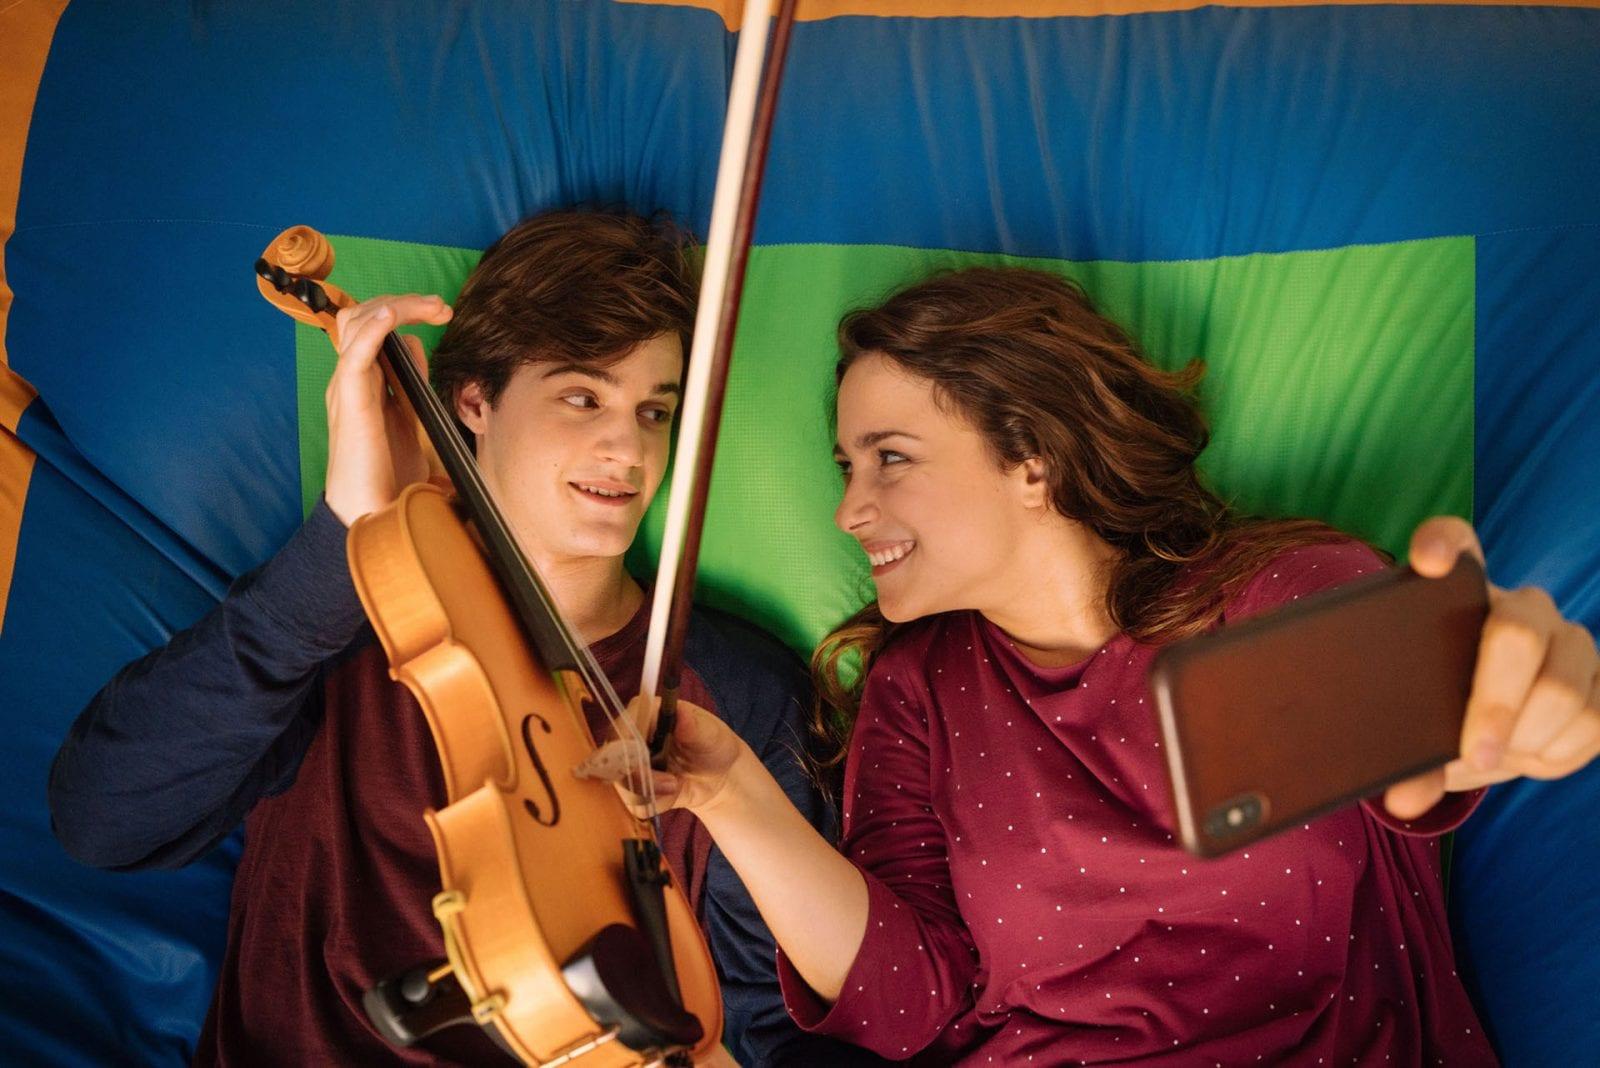 Titoli di coda · La Compagnia del Cigno 2 ultimo appuntamento. Con Alessio Boni ed Anna Valle, in prima assoluta, in prime time su RaiUno